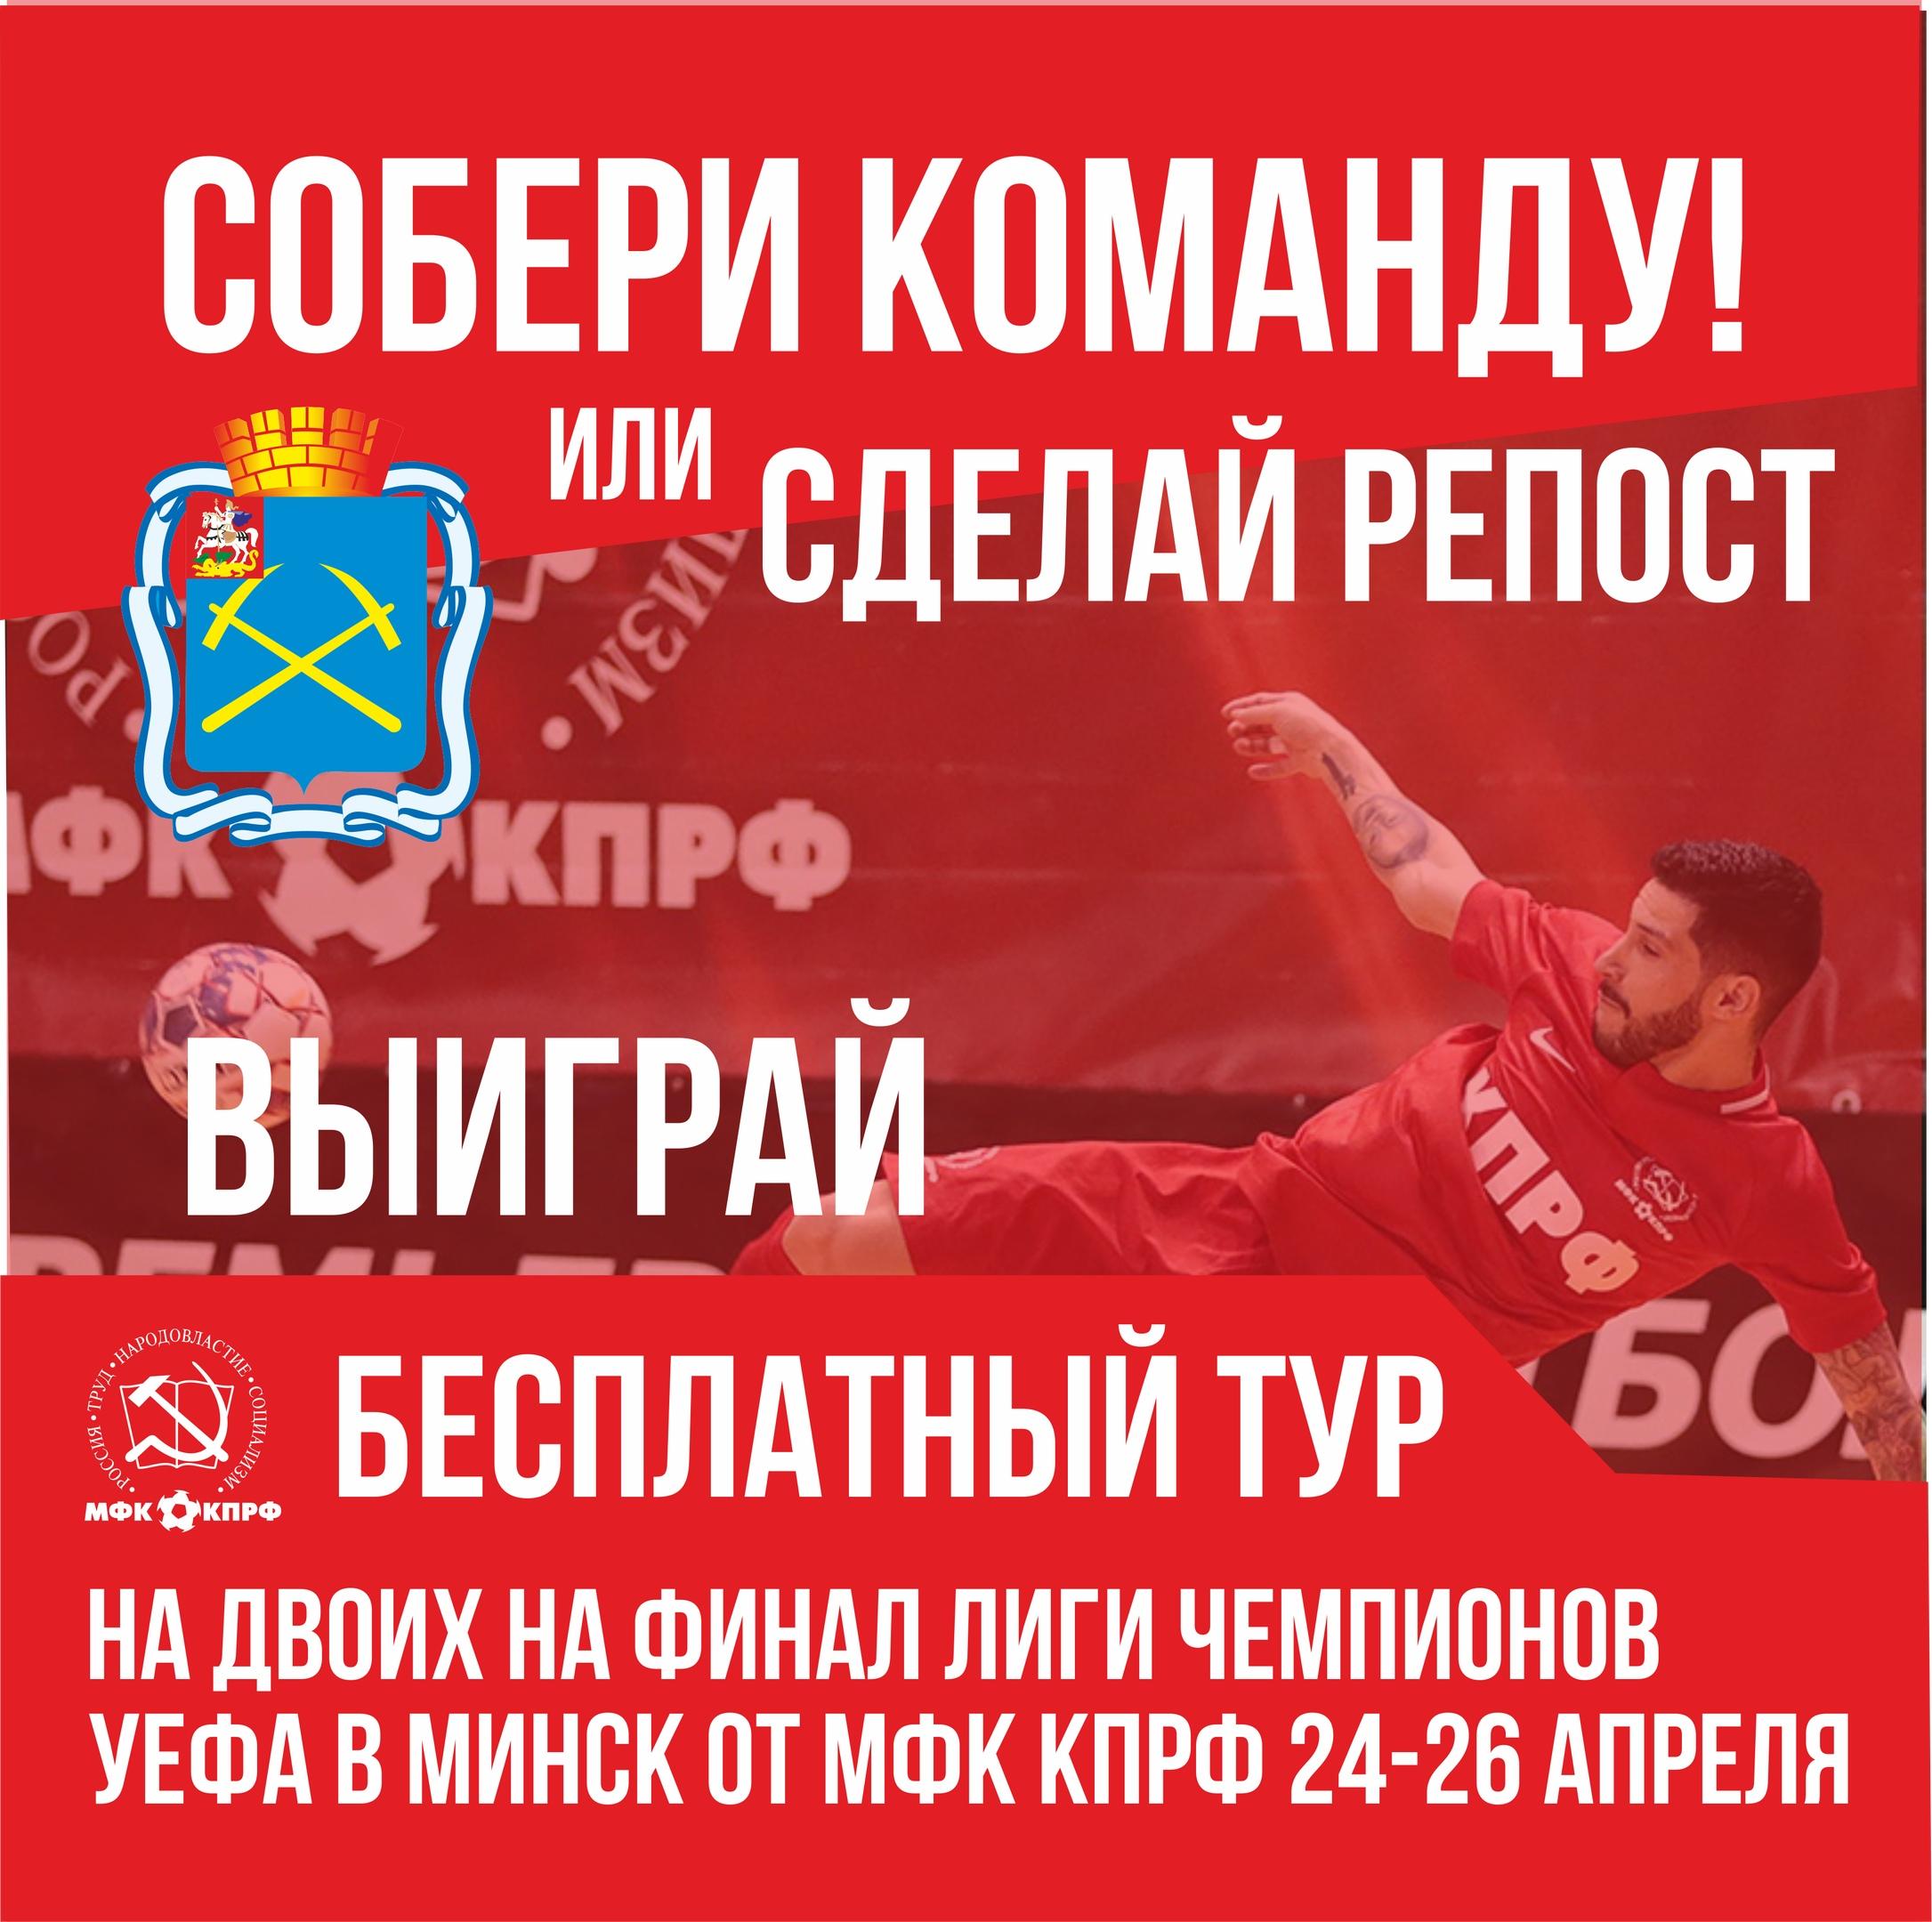 Заяви команду на Кубок Большого Подольска по мини-футболу и выиграй призы от МФК КПРФ